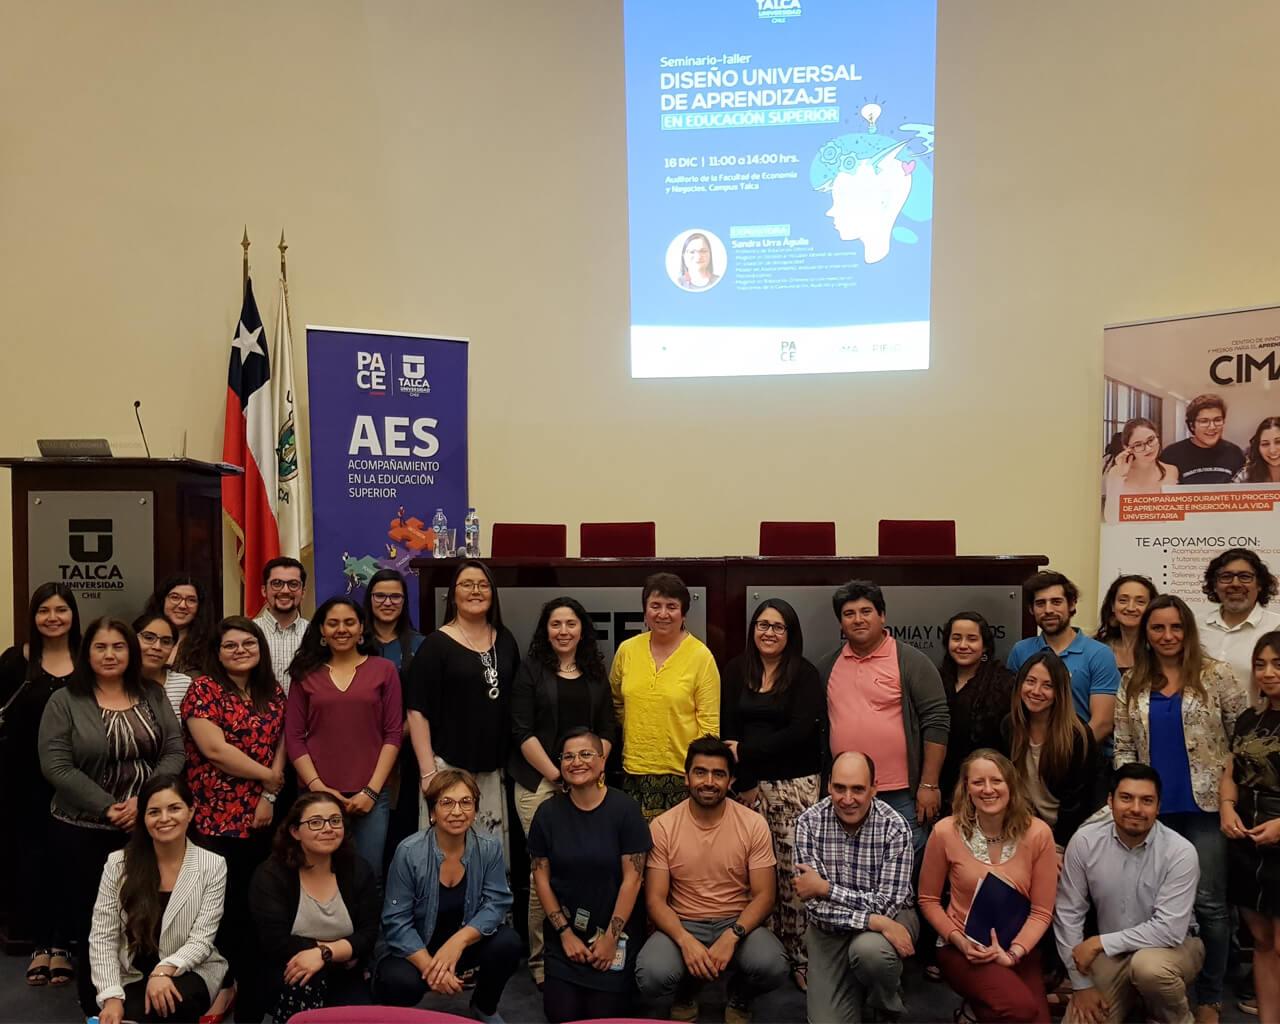 Universidad se compromete con la inclusión en seminarios y talleres